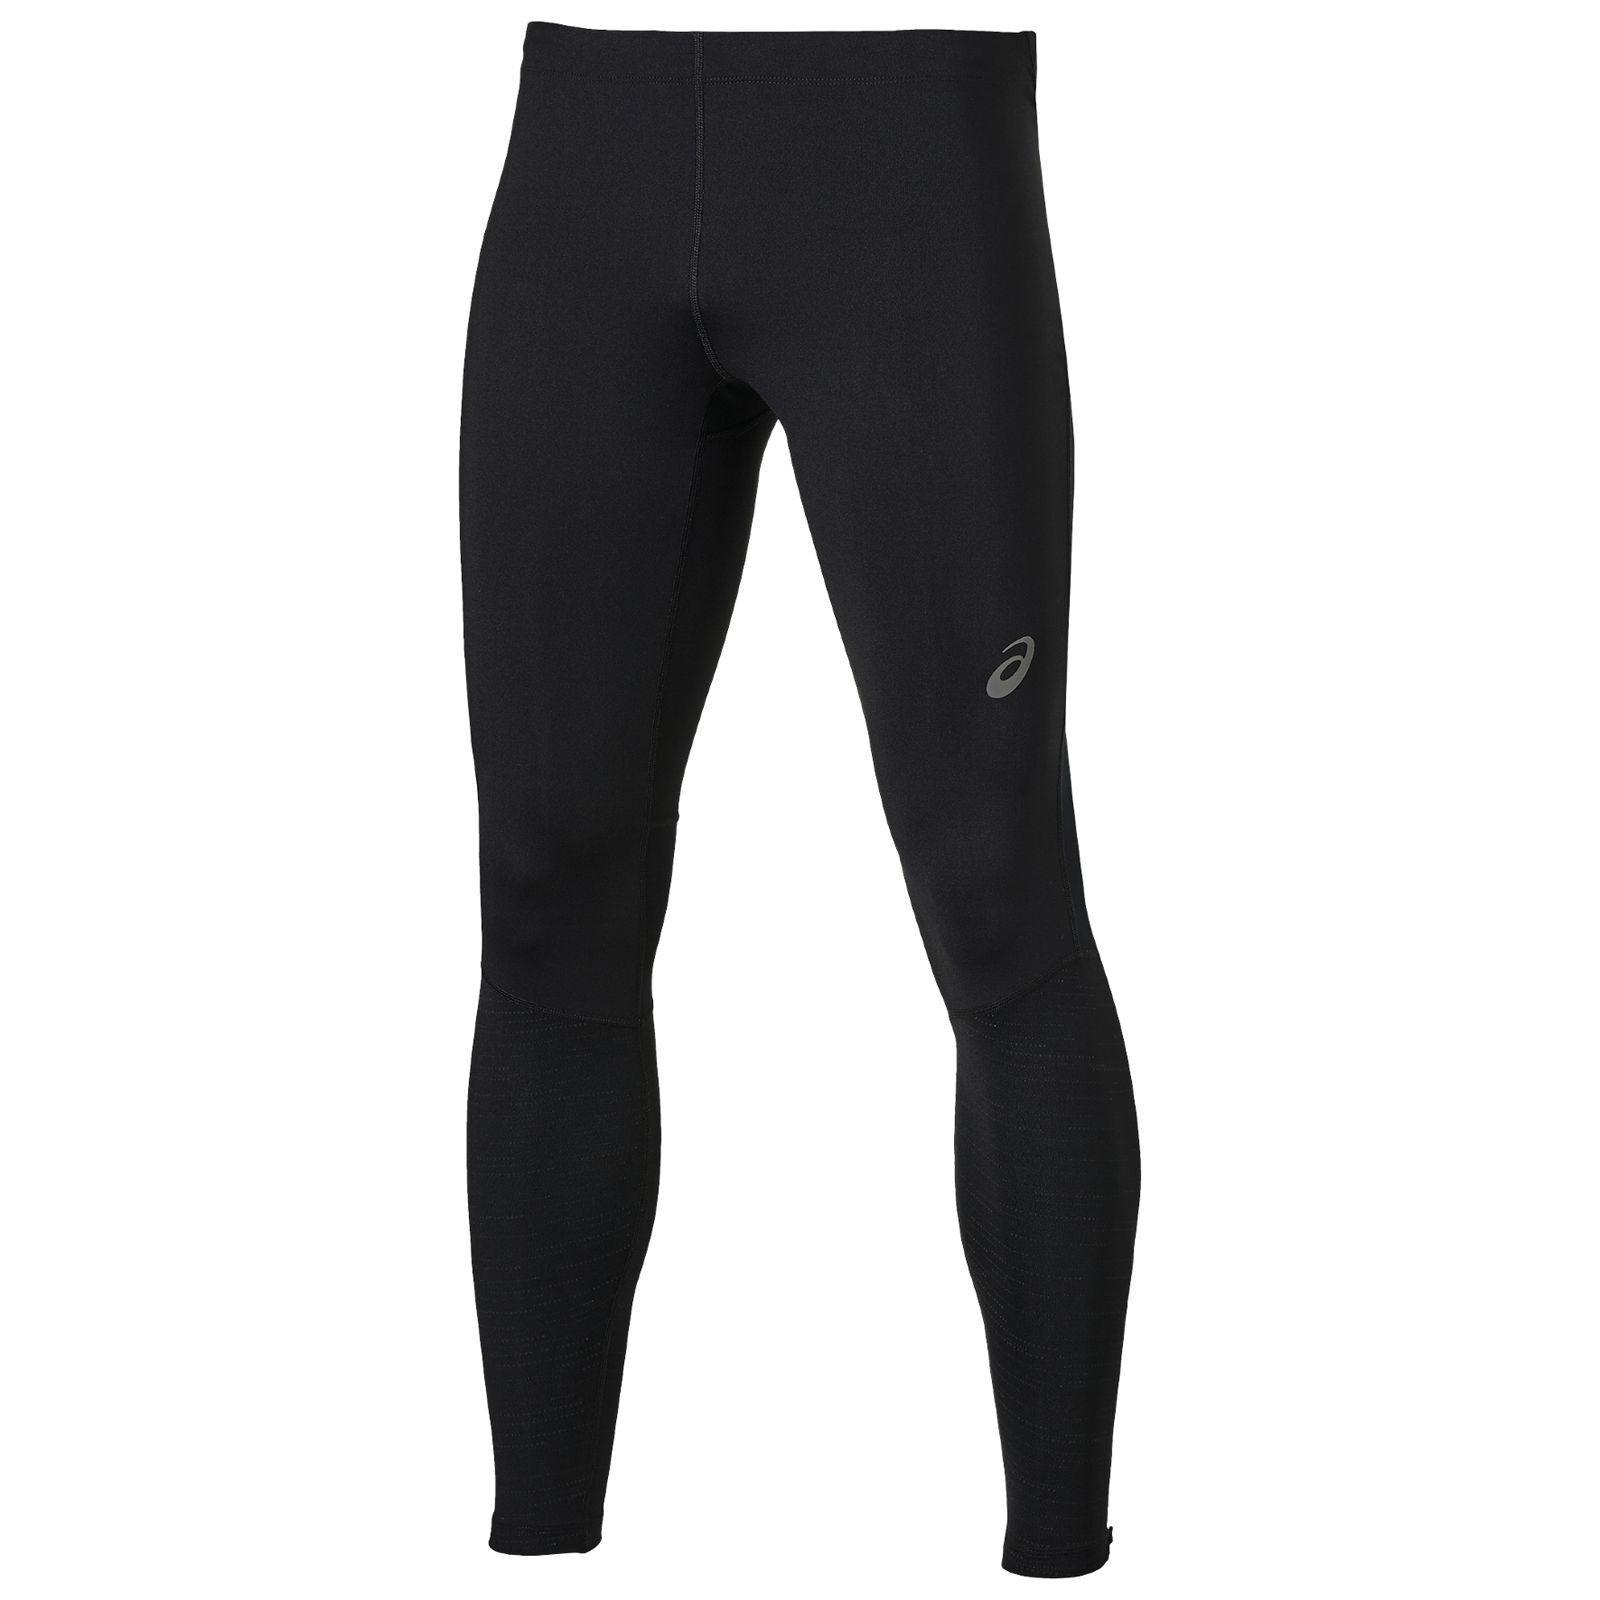 Asics Lite-show Tight-caballeros-corre  pantalones-función pantalones-negro - 129918-0904  colores increíbles